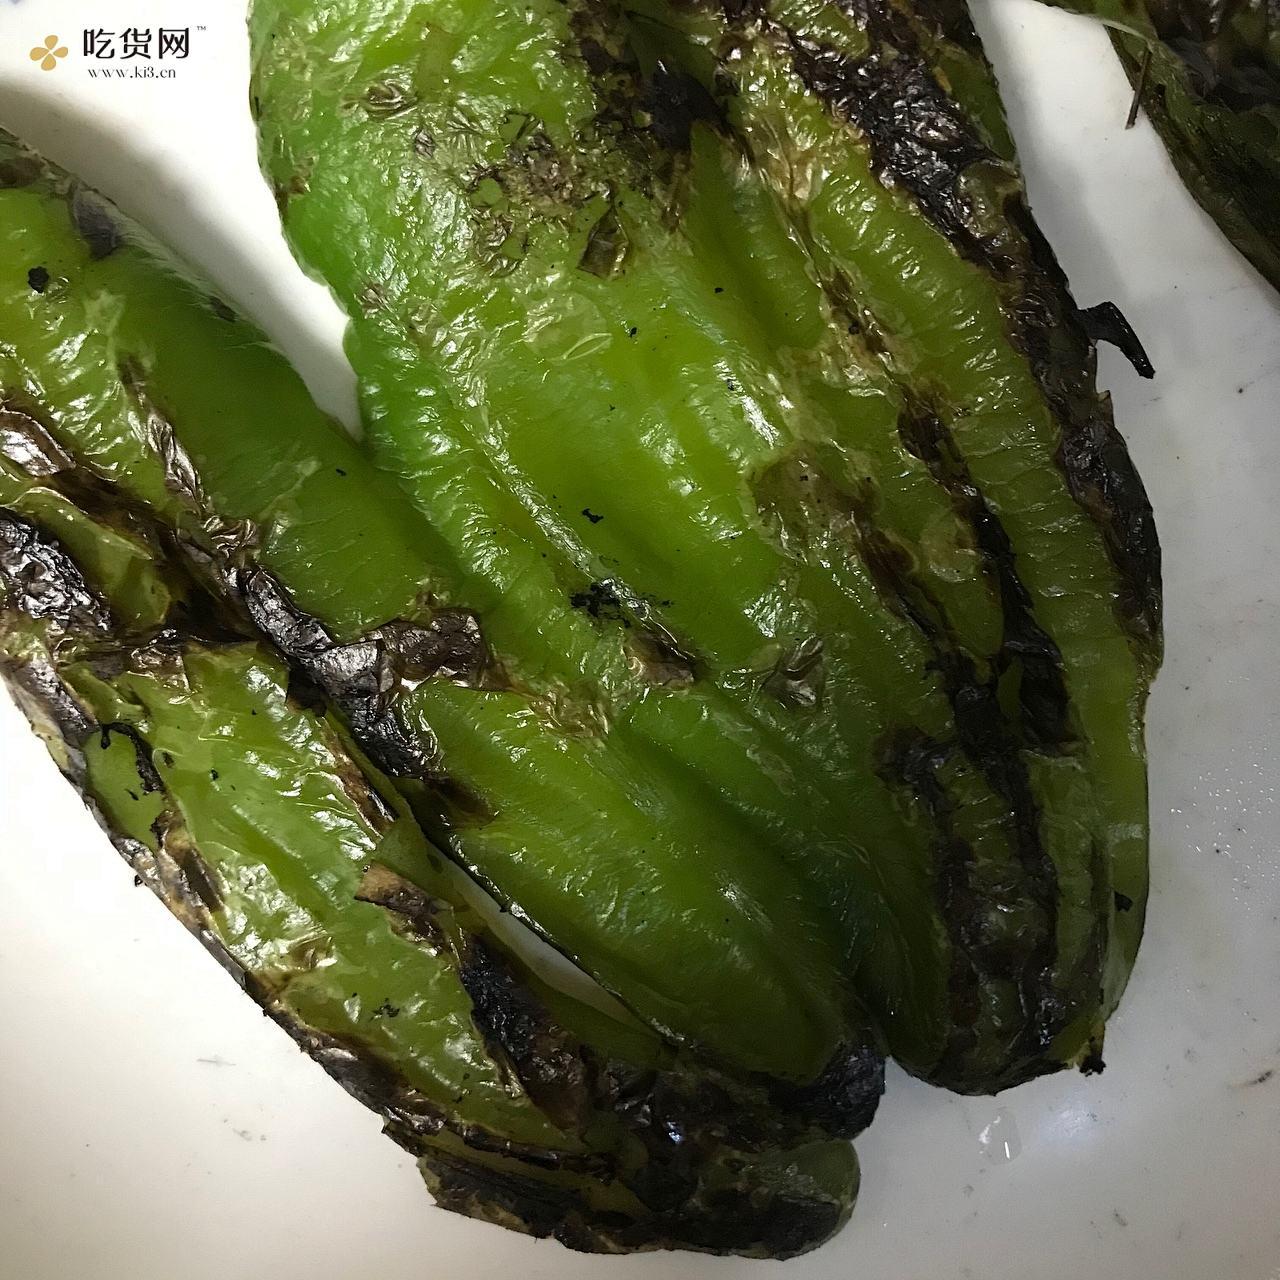 家常蒜香虎皮青椒的做法 步骤3